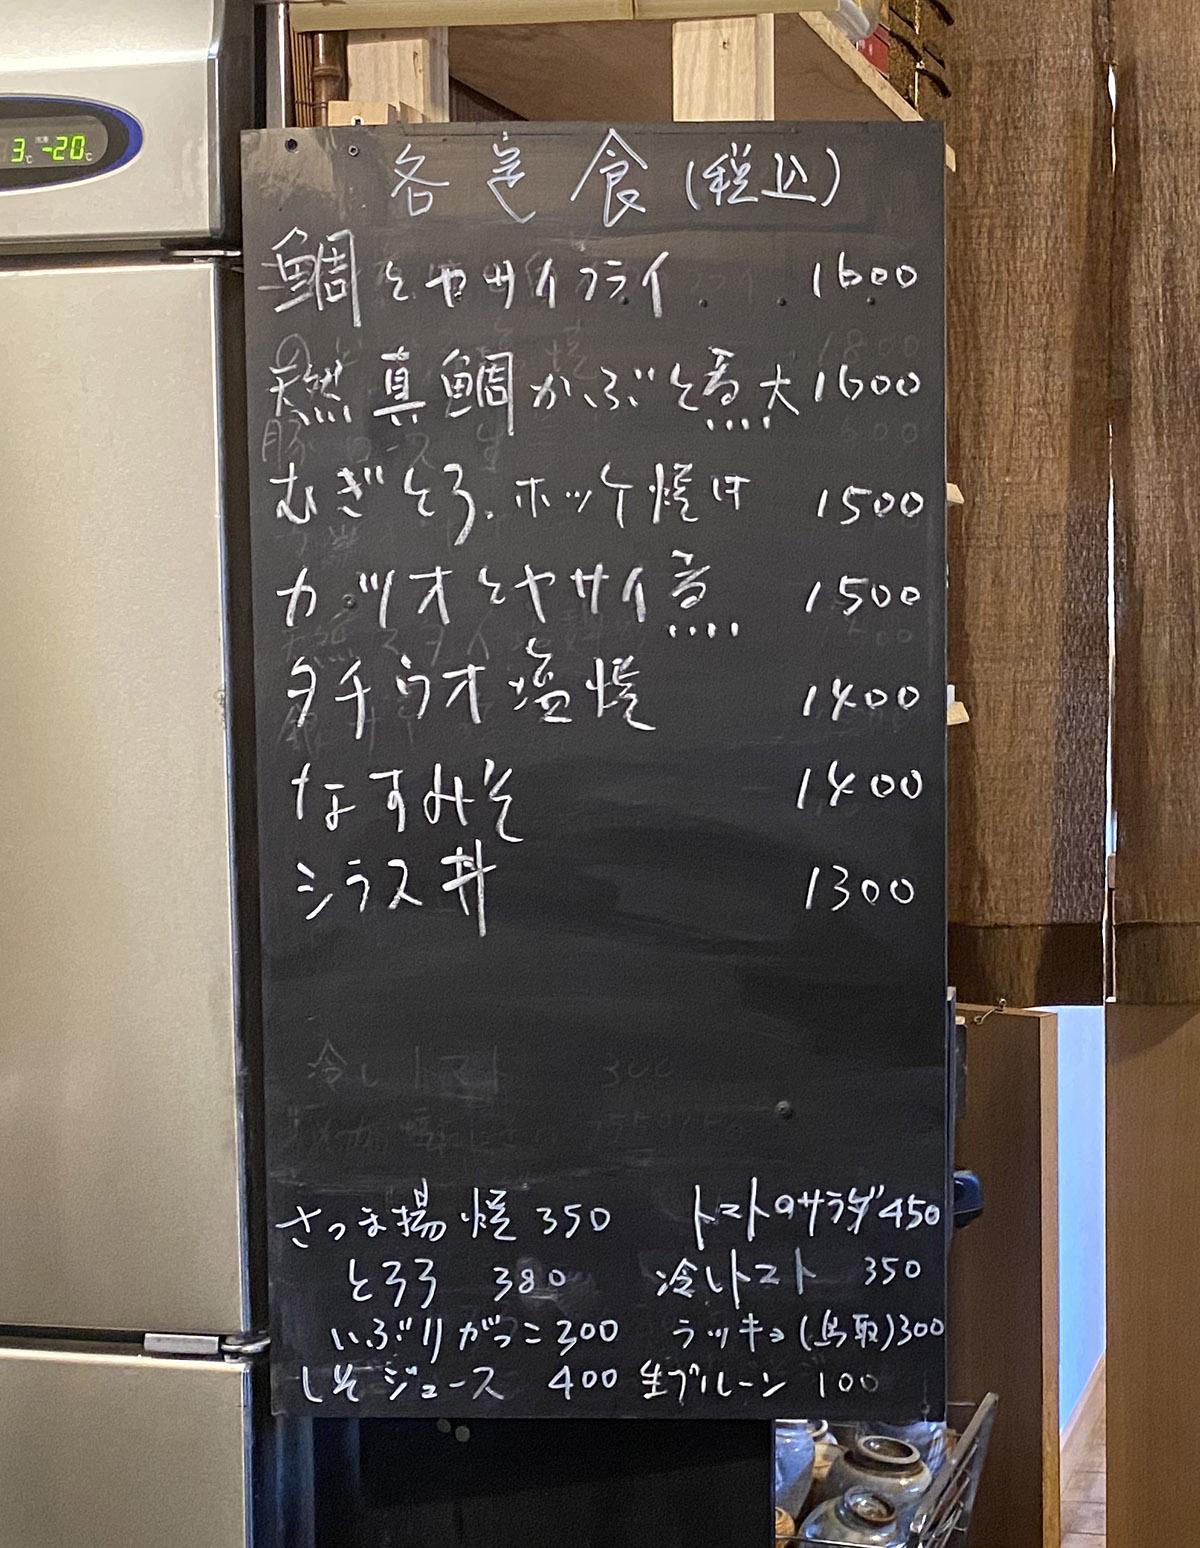 魚中心の定食メニュー。この黒板は、なぜか厨房内にある。